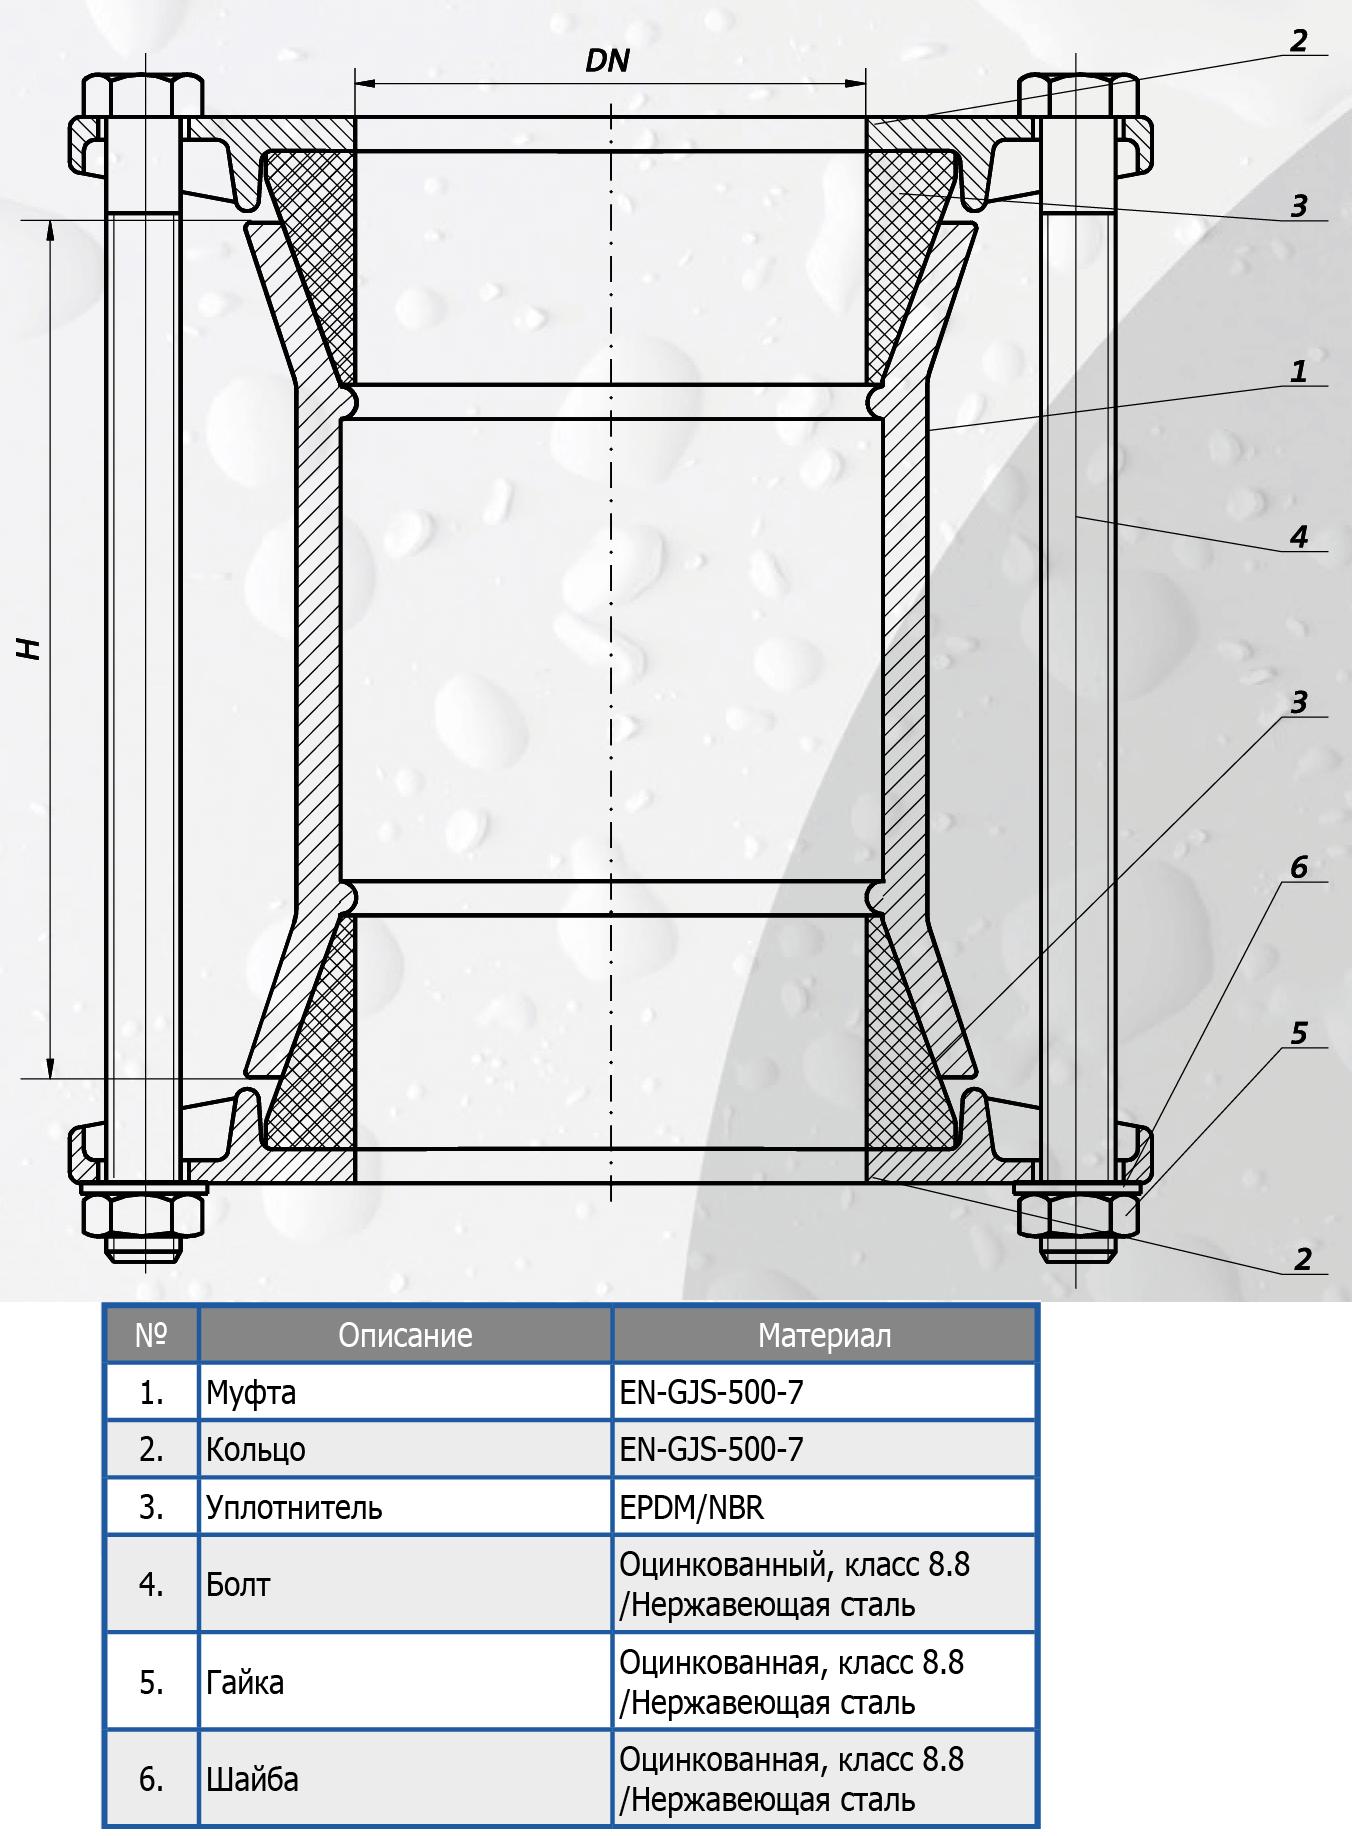 Чертеж для Муфта универсальная соединительная Norson RR SFERO DN250